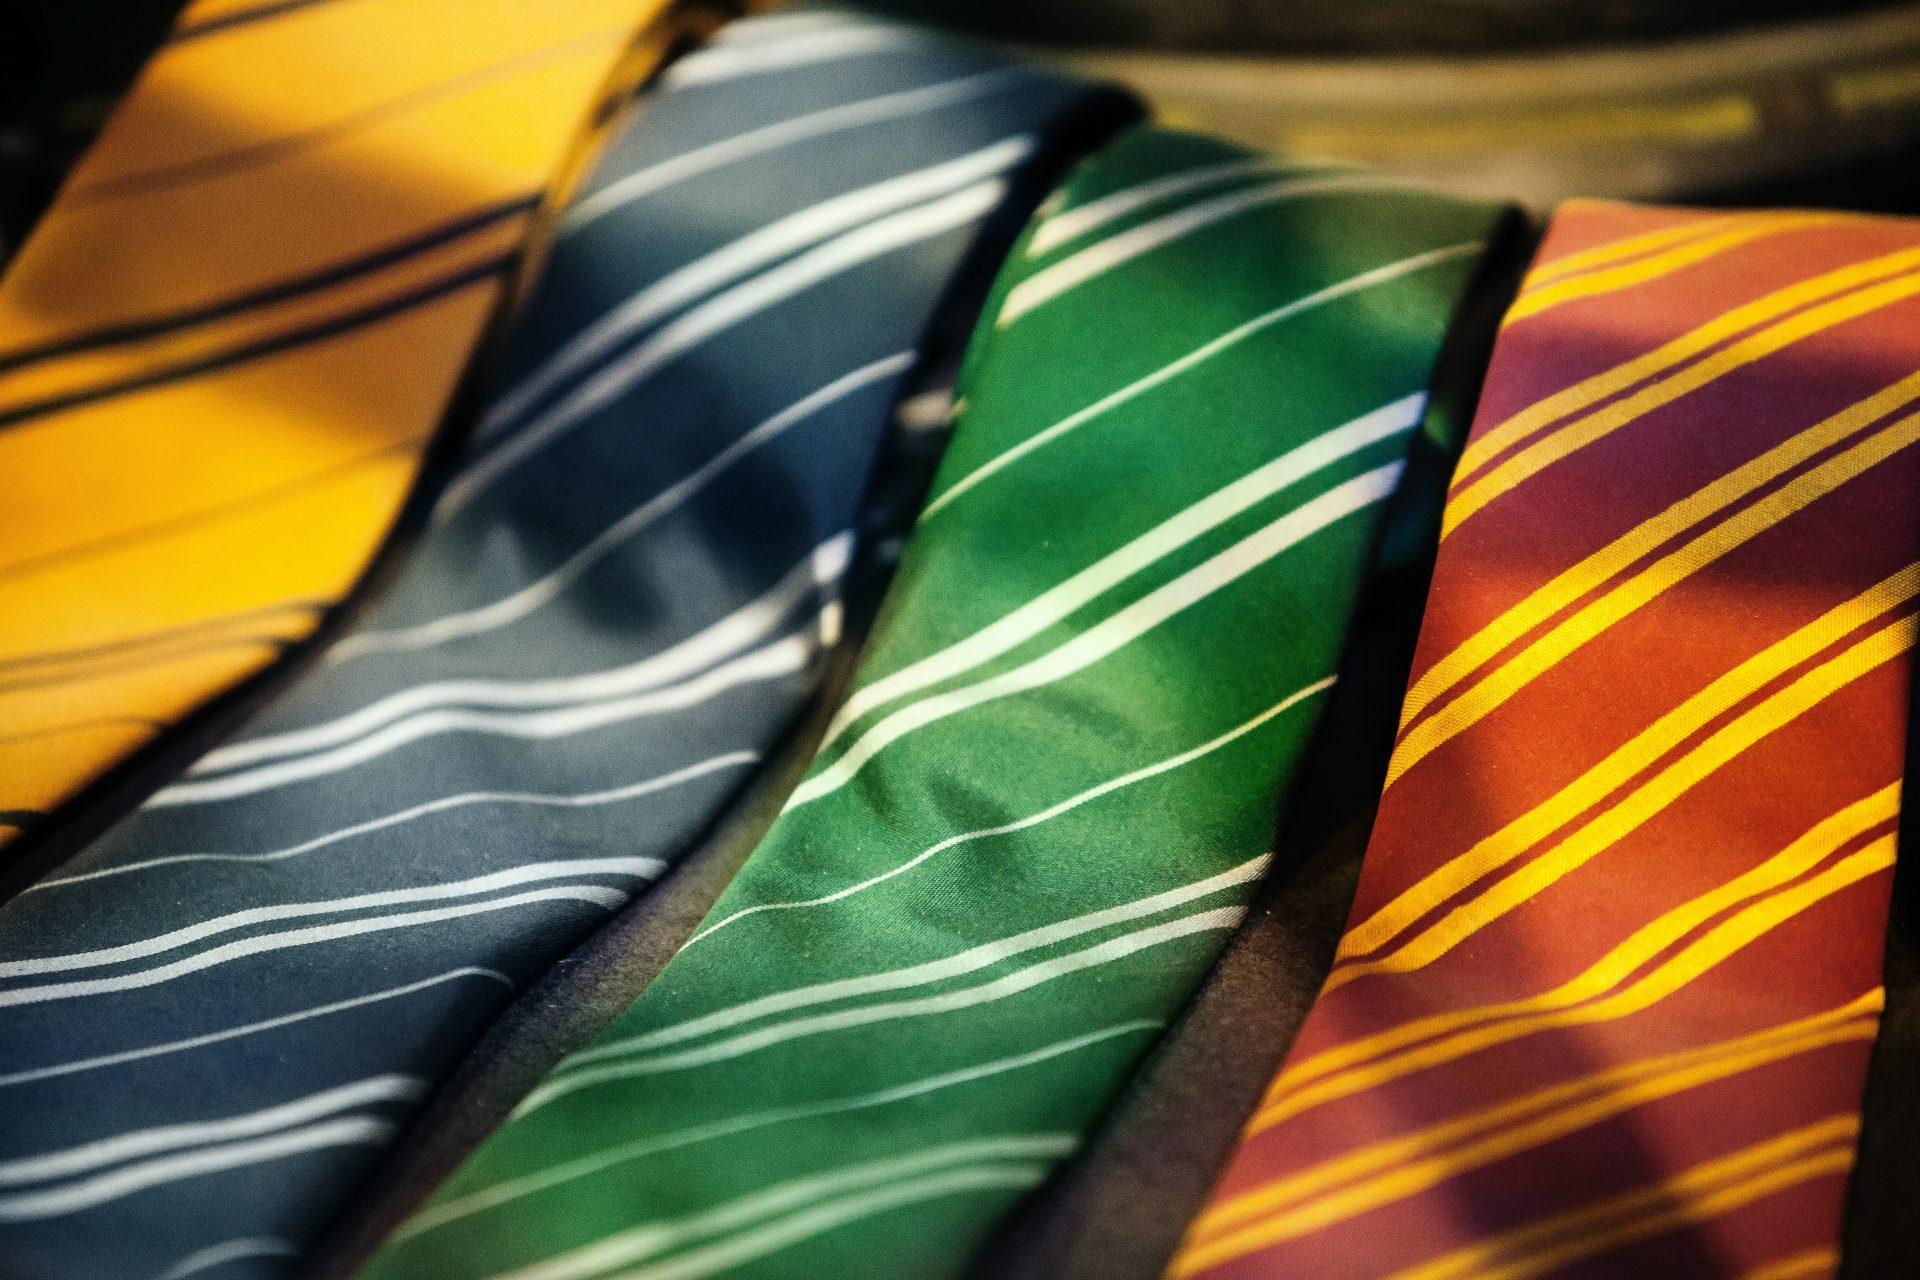 父の日にはネクタイをプレゼント!40代~60代まで幅広くおすすめの商品を紹介します。